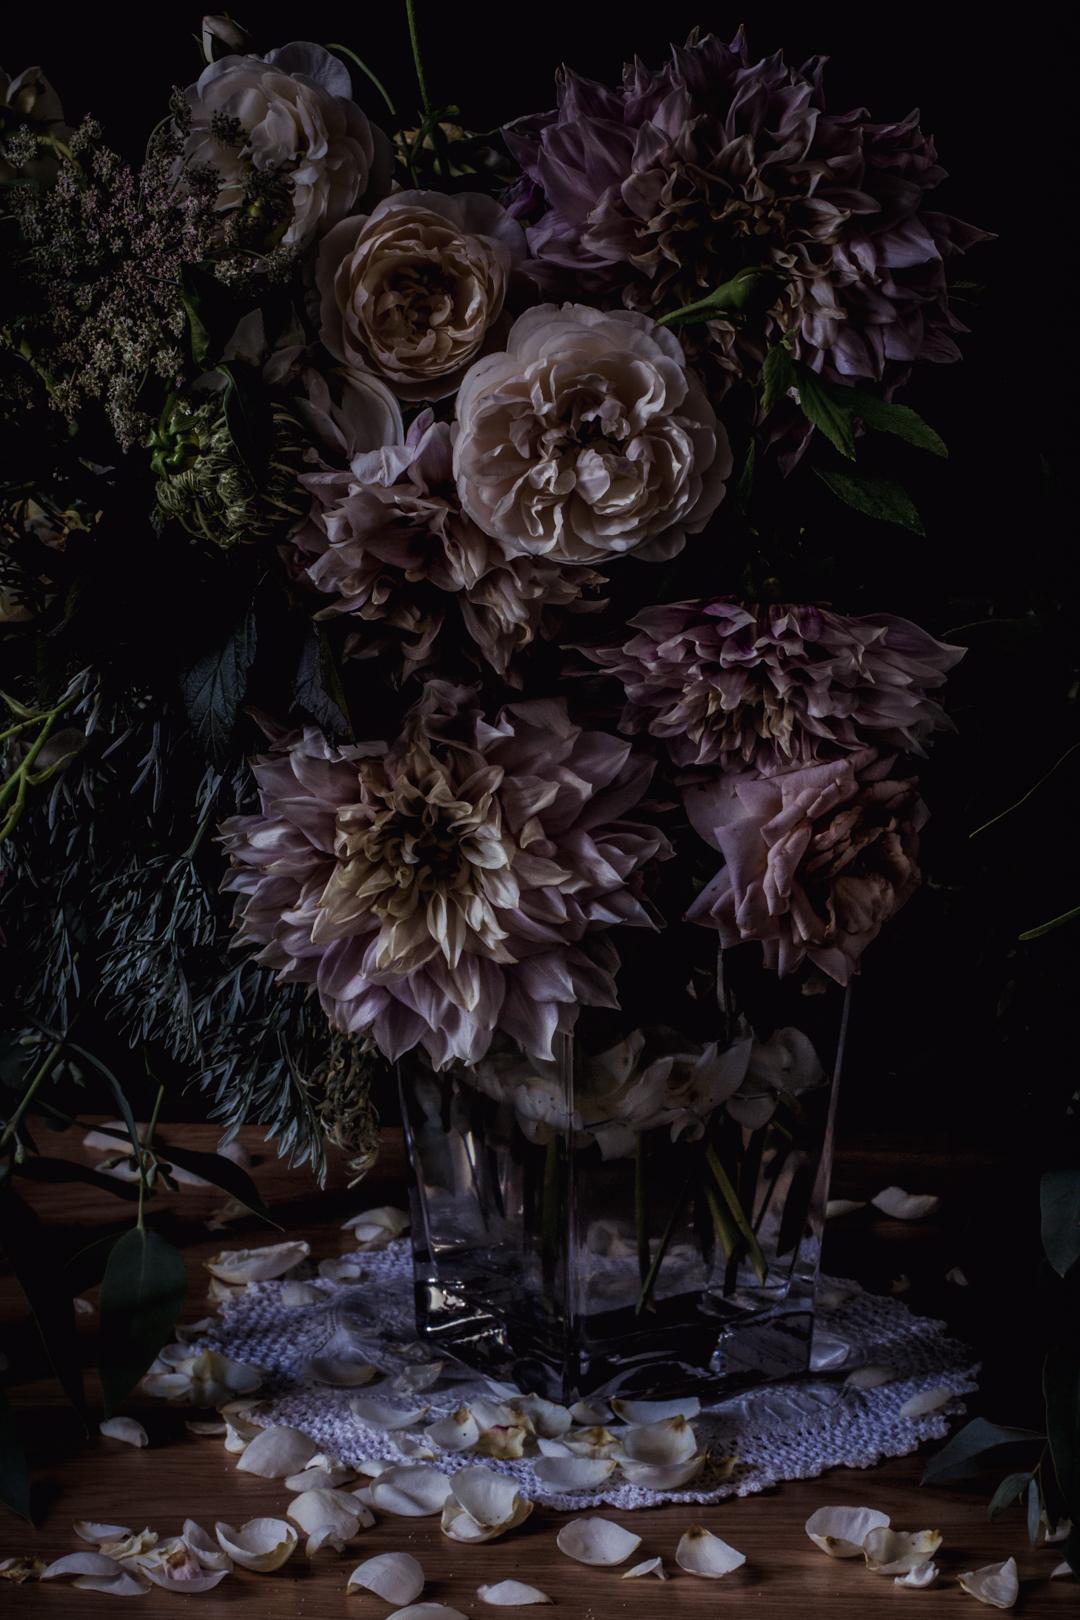 dahlias and roses.jpg